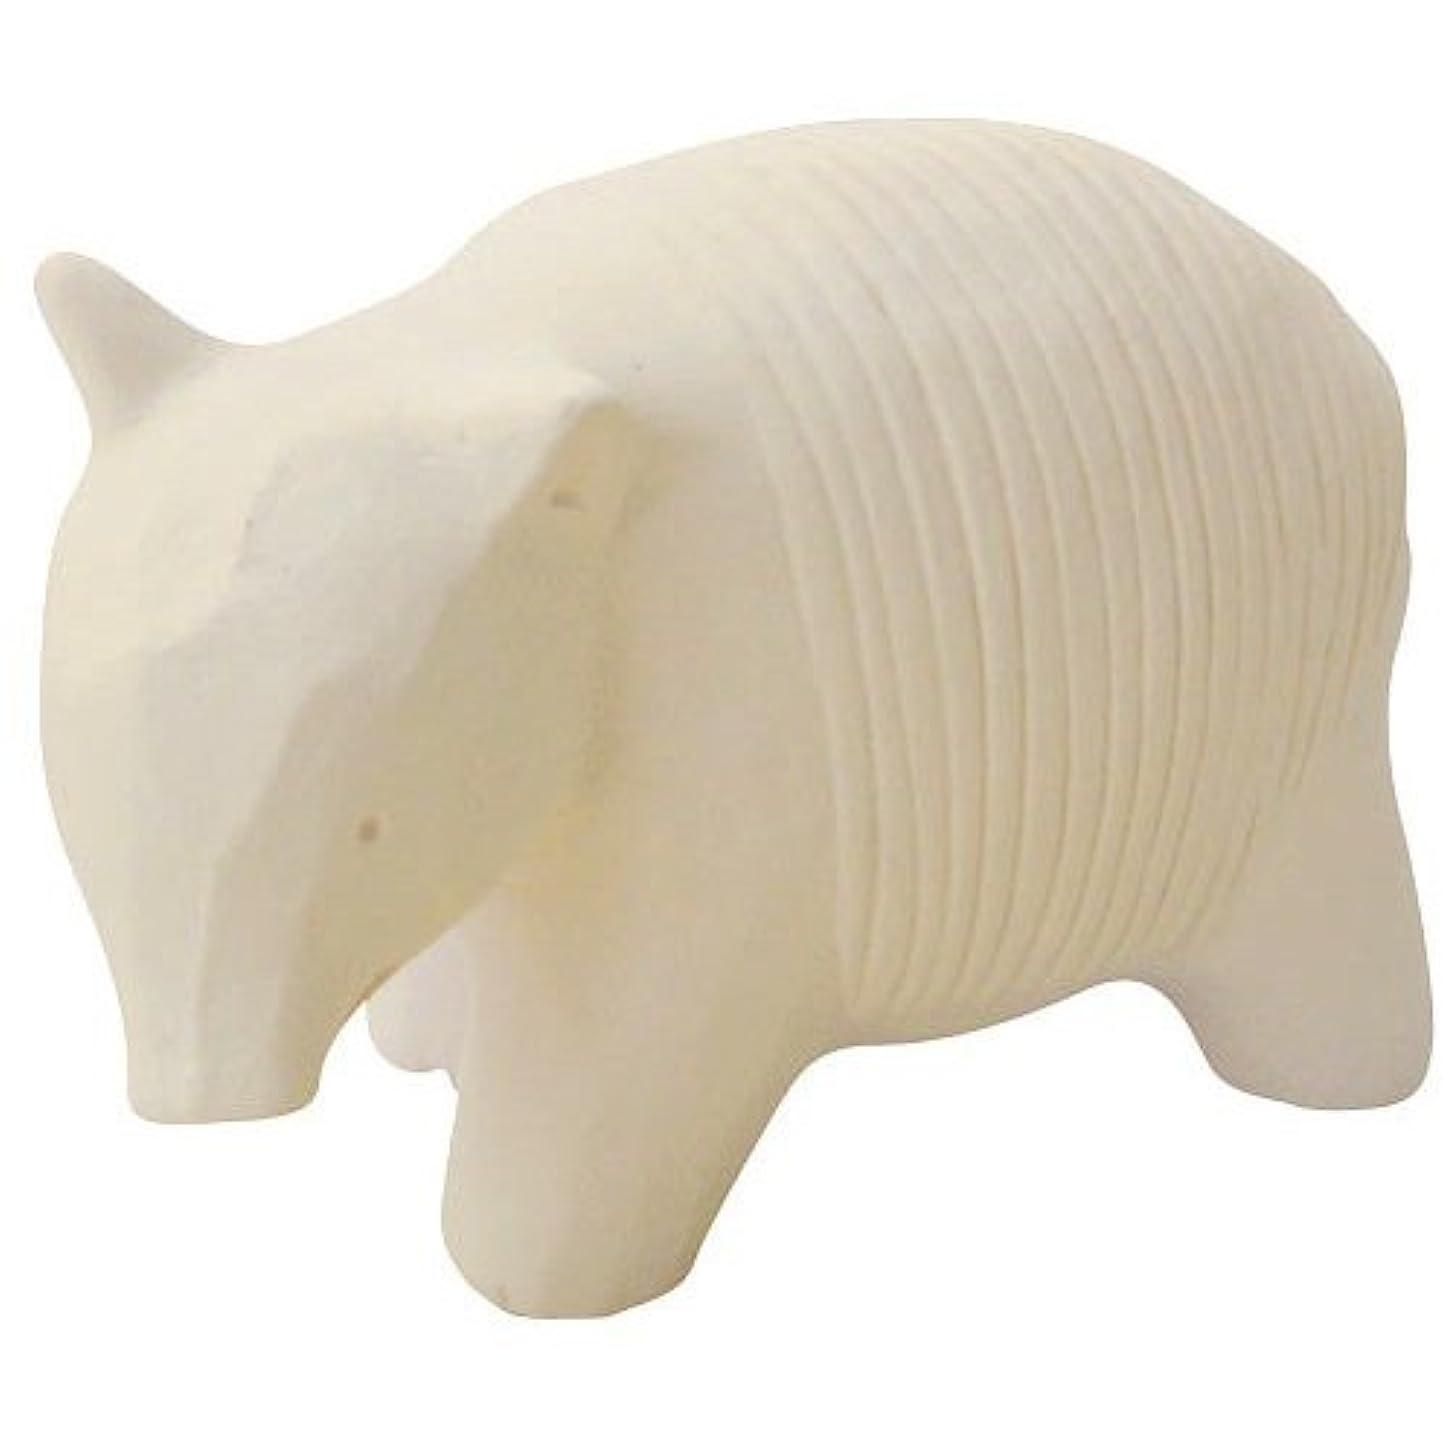 解き明かす信頼性本物のんびり動物 プチアロマ 白バク